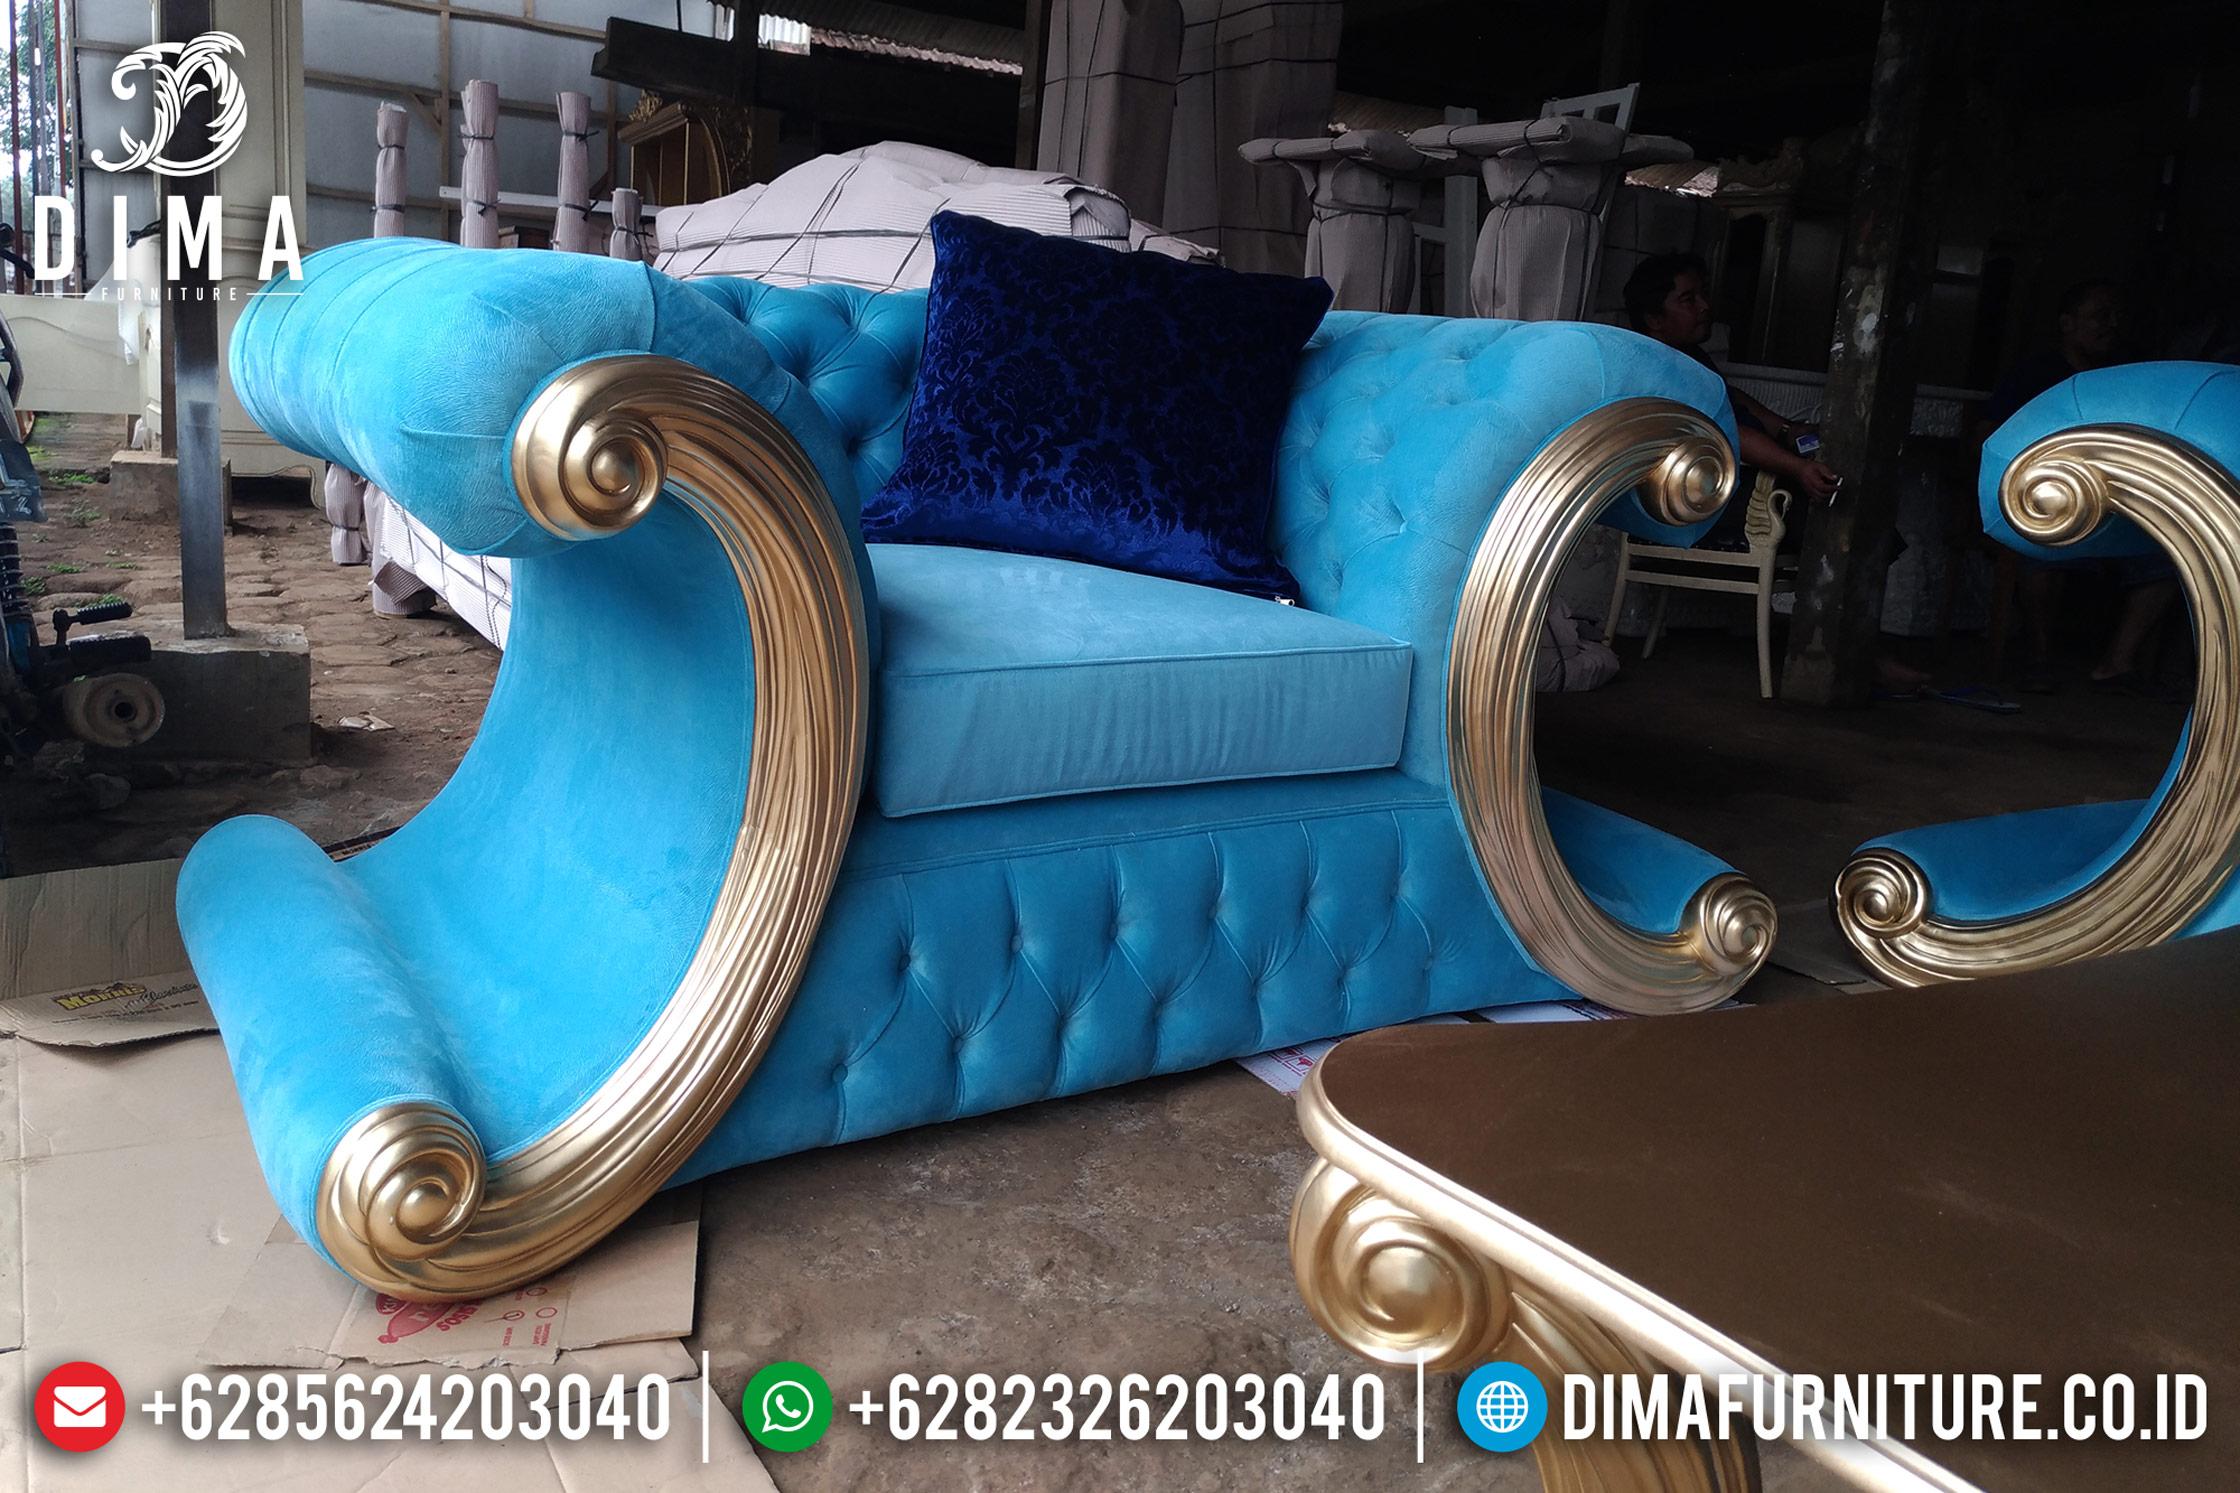 Beli Model Set Kursi Sofa Tamu Mewah Jepara Terbaru Gold Jackson DF-0862 Gambar 2